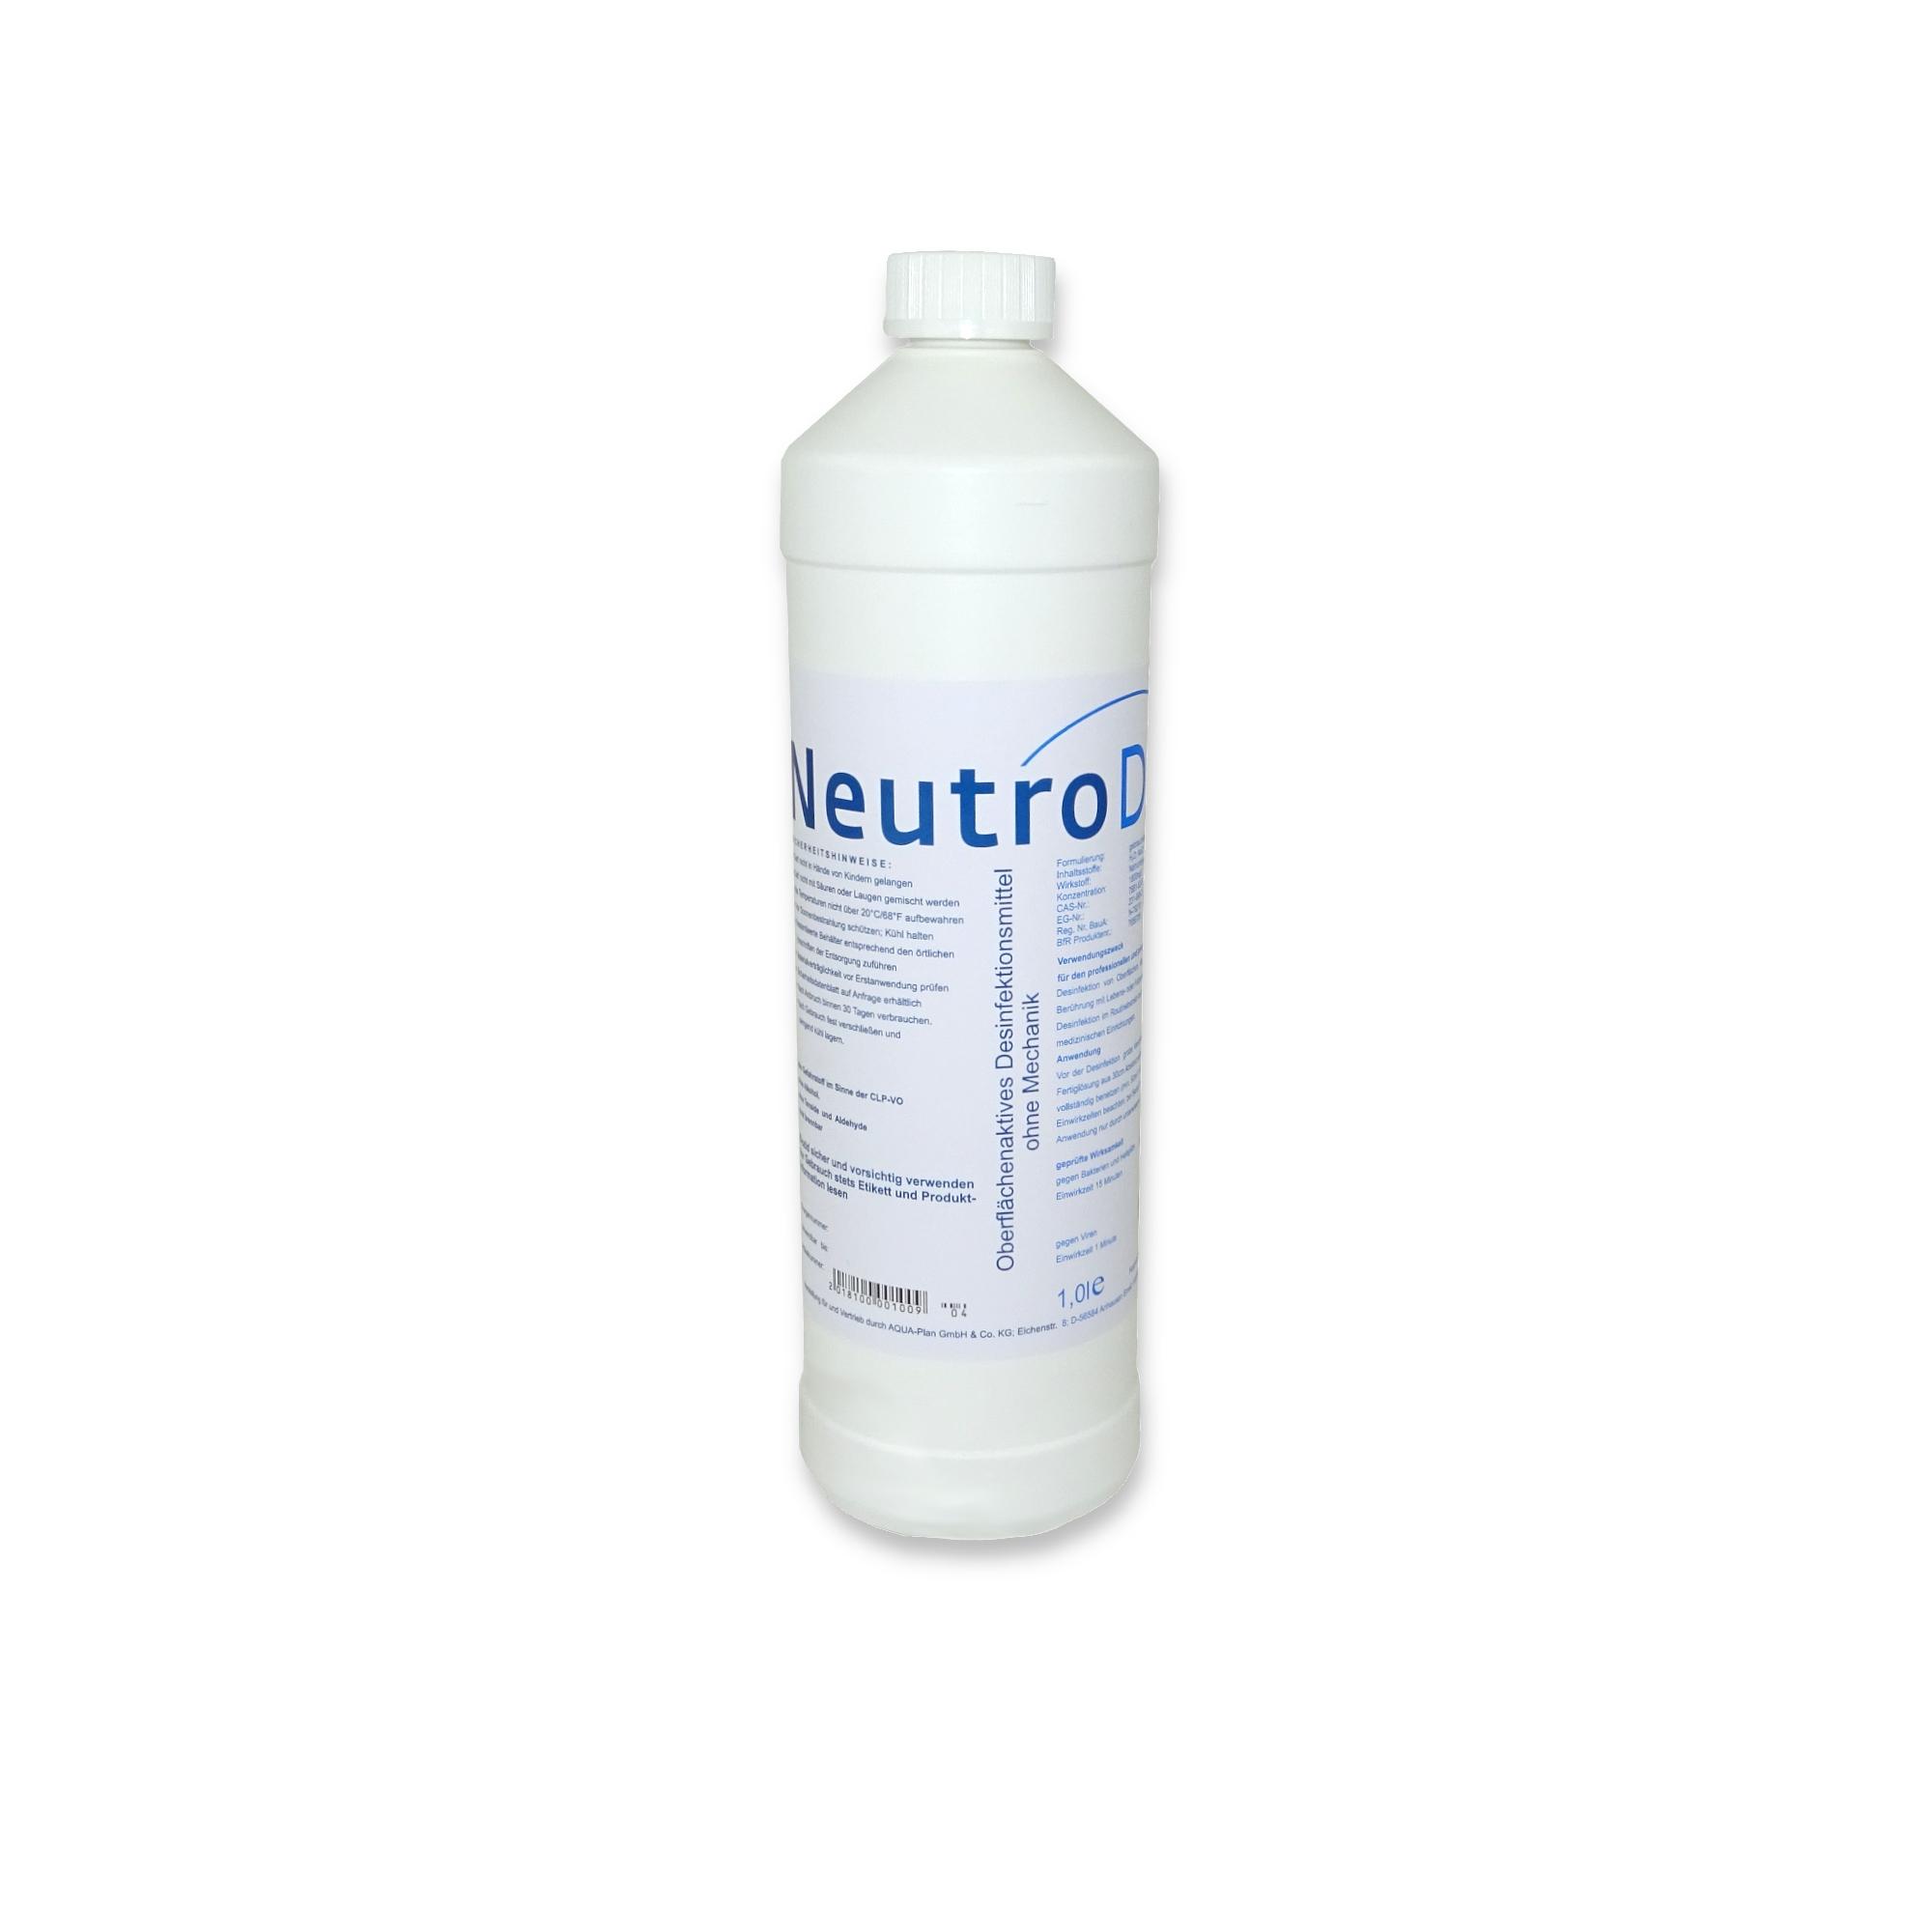 Desinfektionsmittel für alle Oberflächen, 1000ml